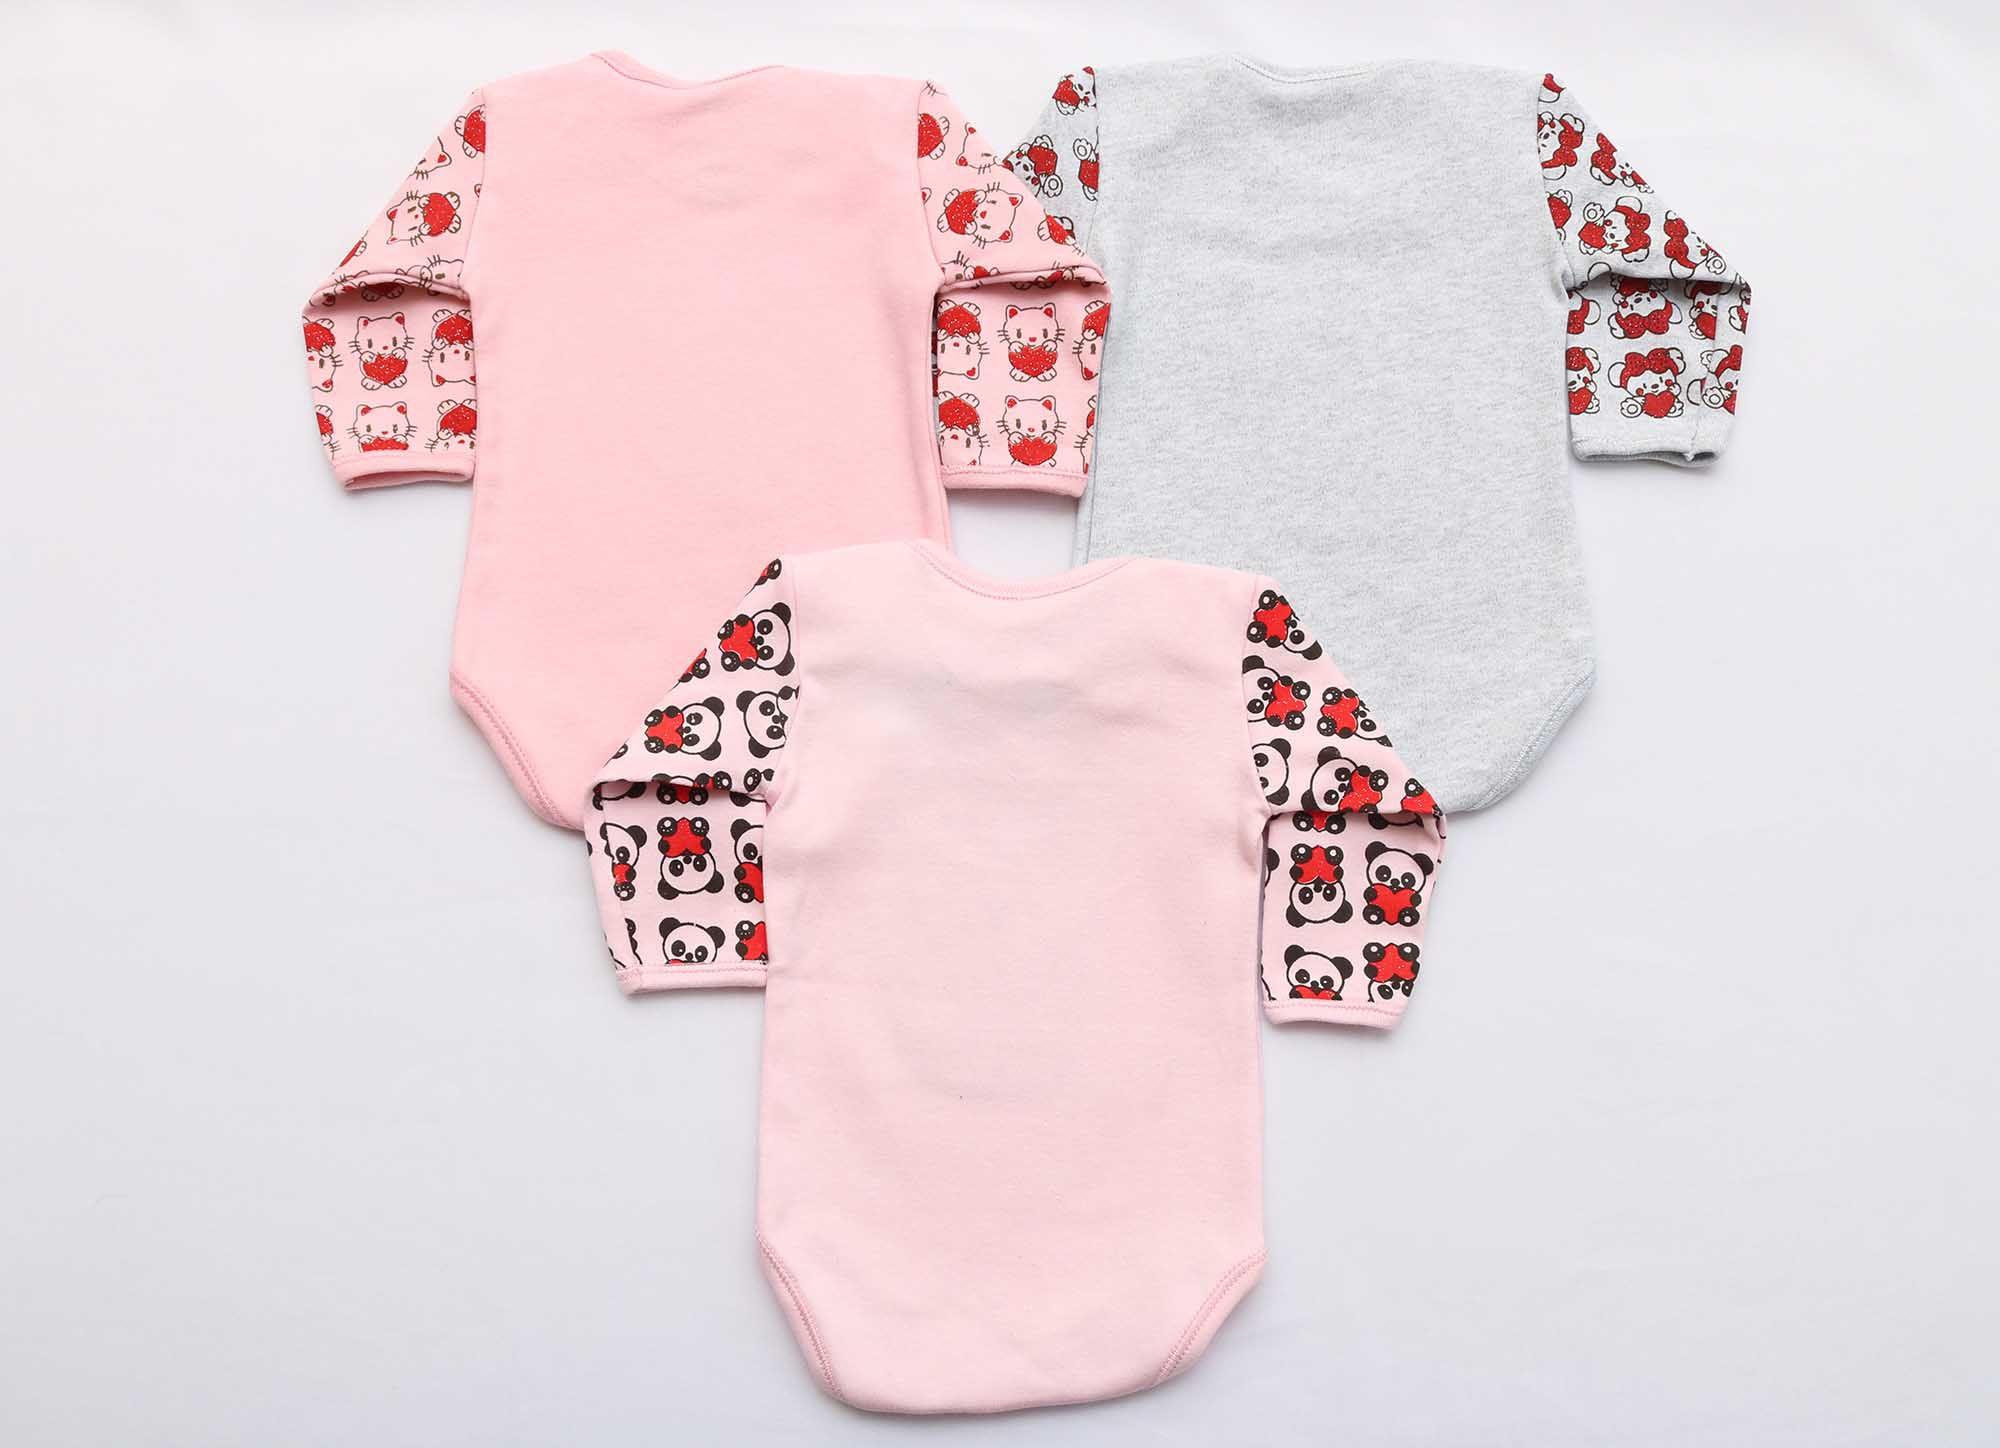 Kit Body Bebê 3 Peças Menina Rosa Bordado e Brilho